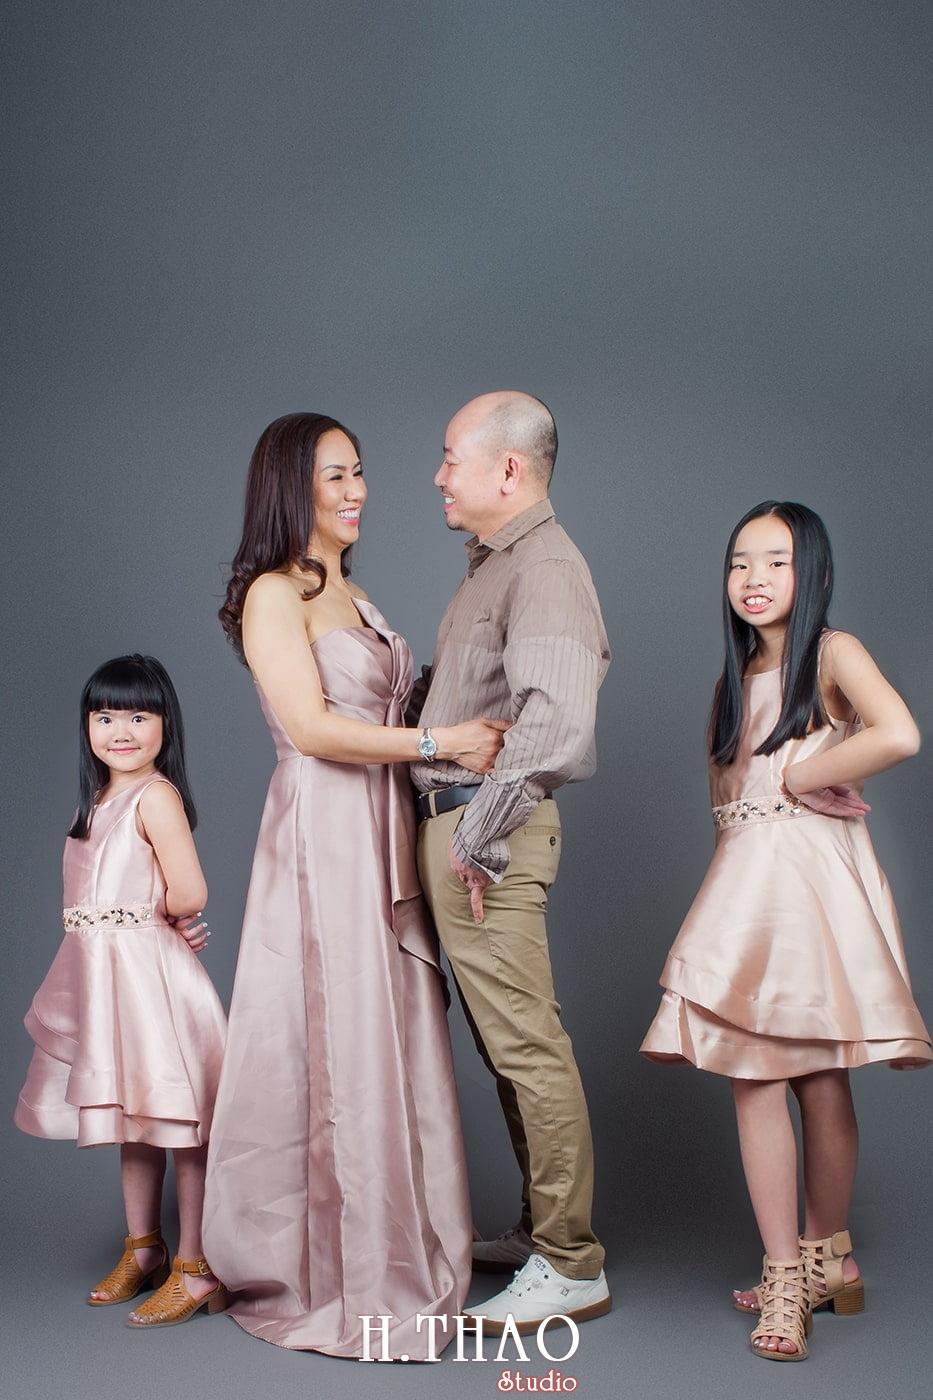 Anh gia dinh 9 - 19 cách tạo dáng chụp ảnh gia đình tự nhiên nhất - HThao Studio